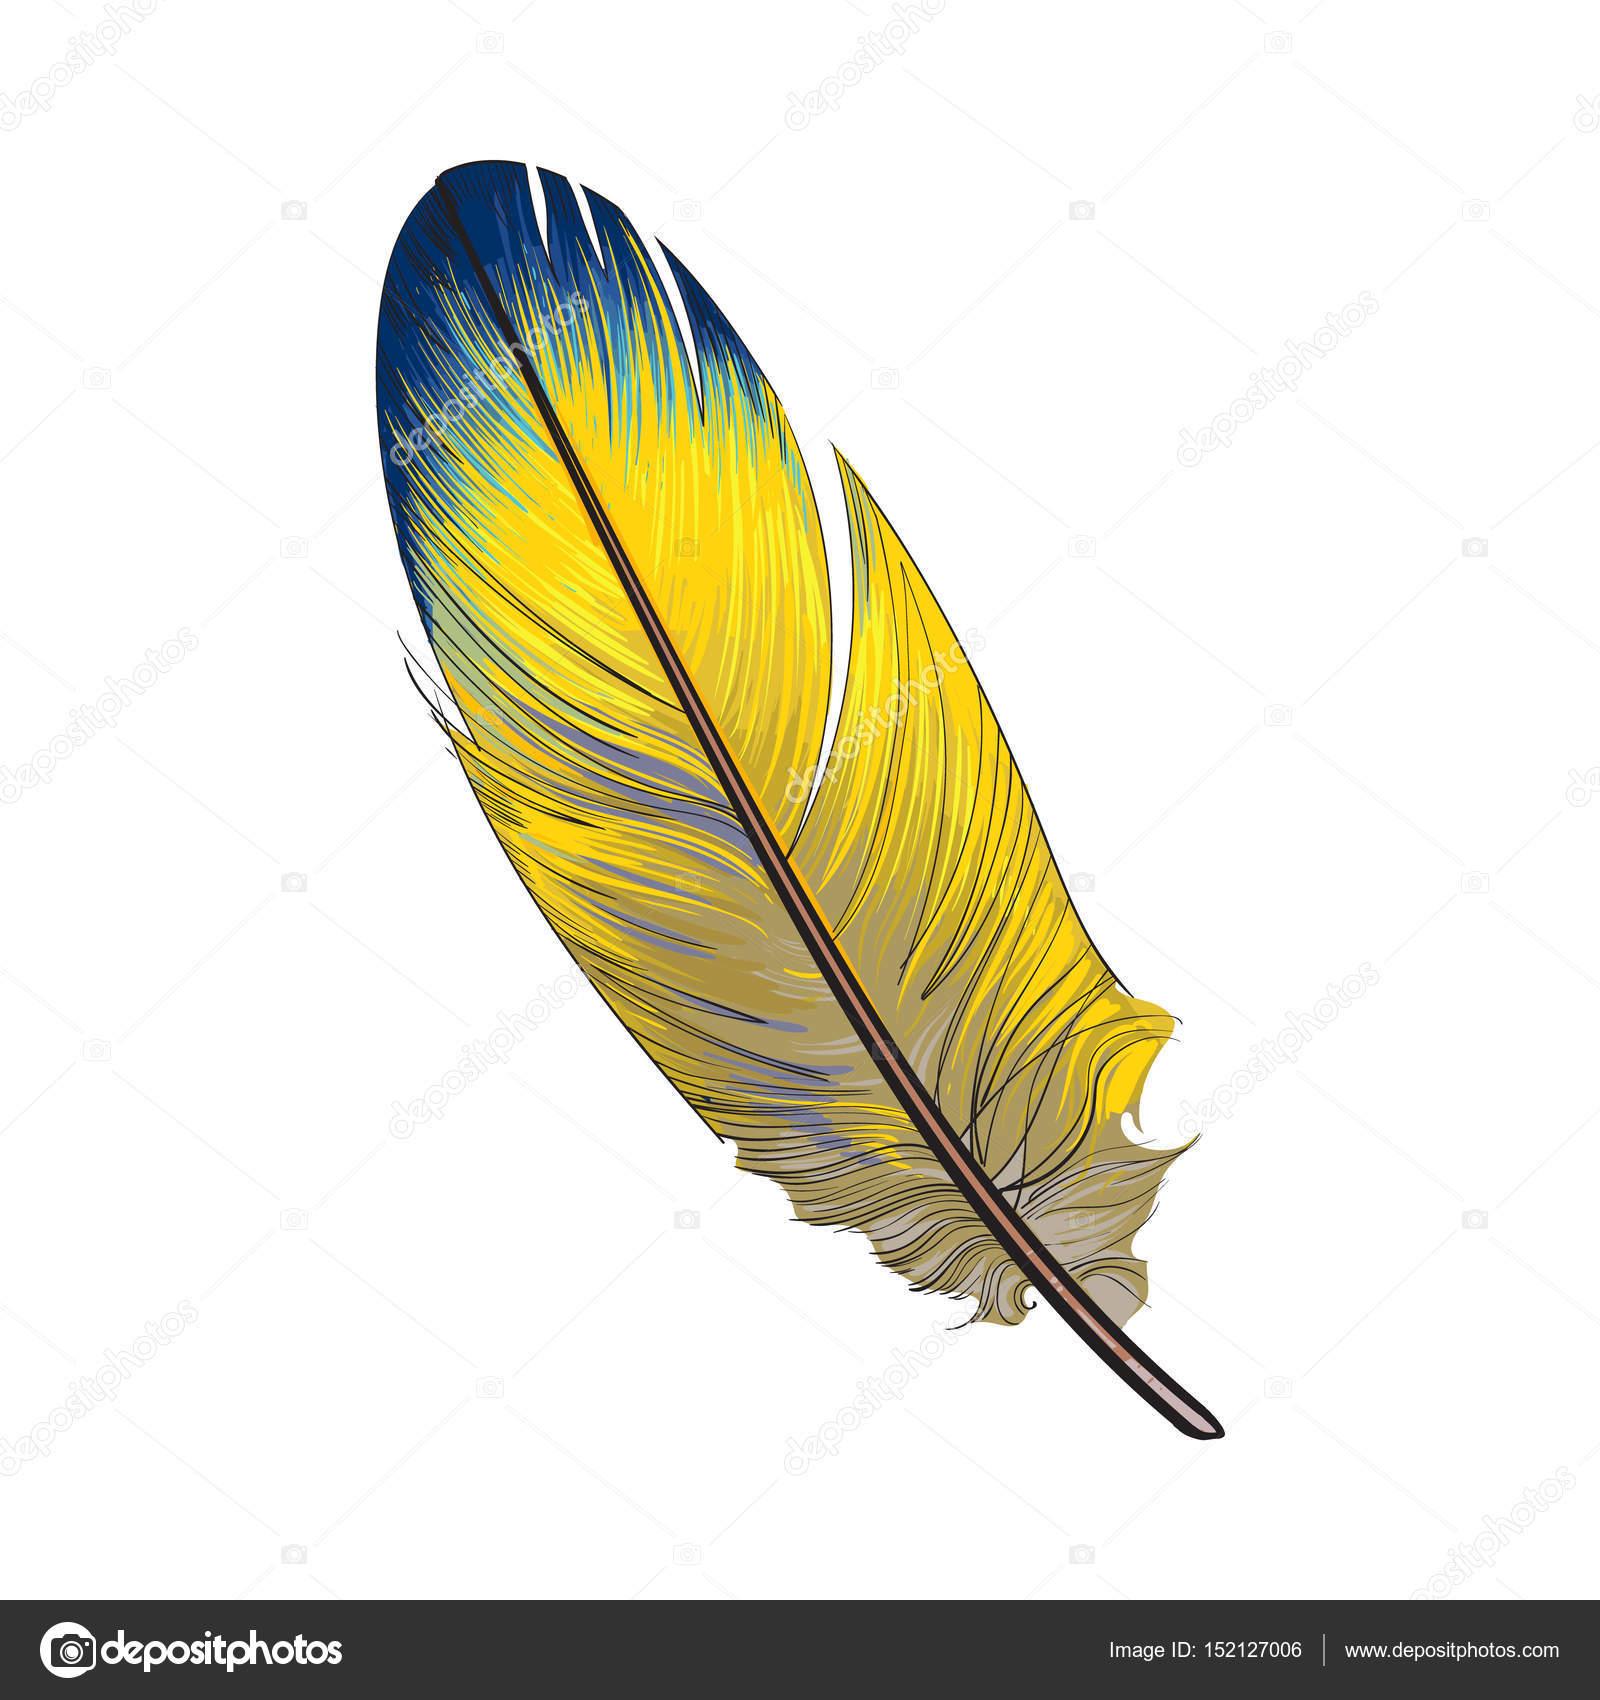 Fotos Plumas Aves Mano Dibujada Smoth Amarillo Y Desenfoque De